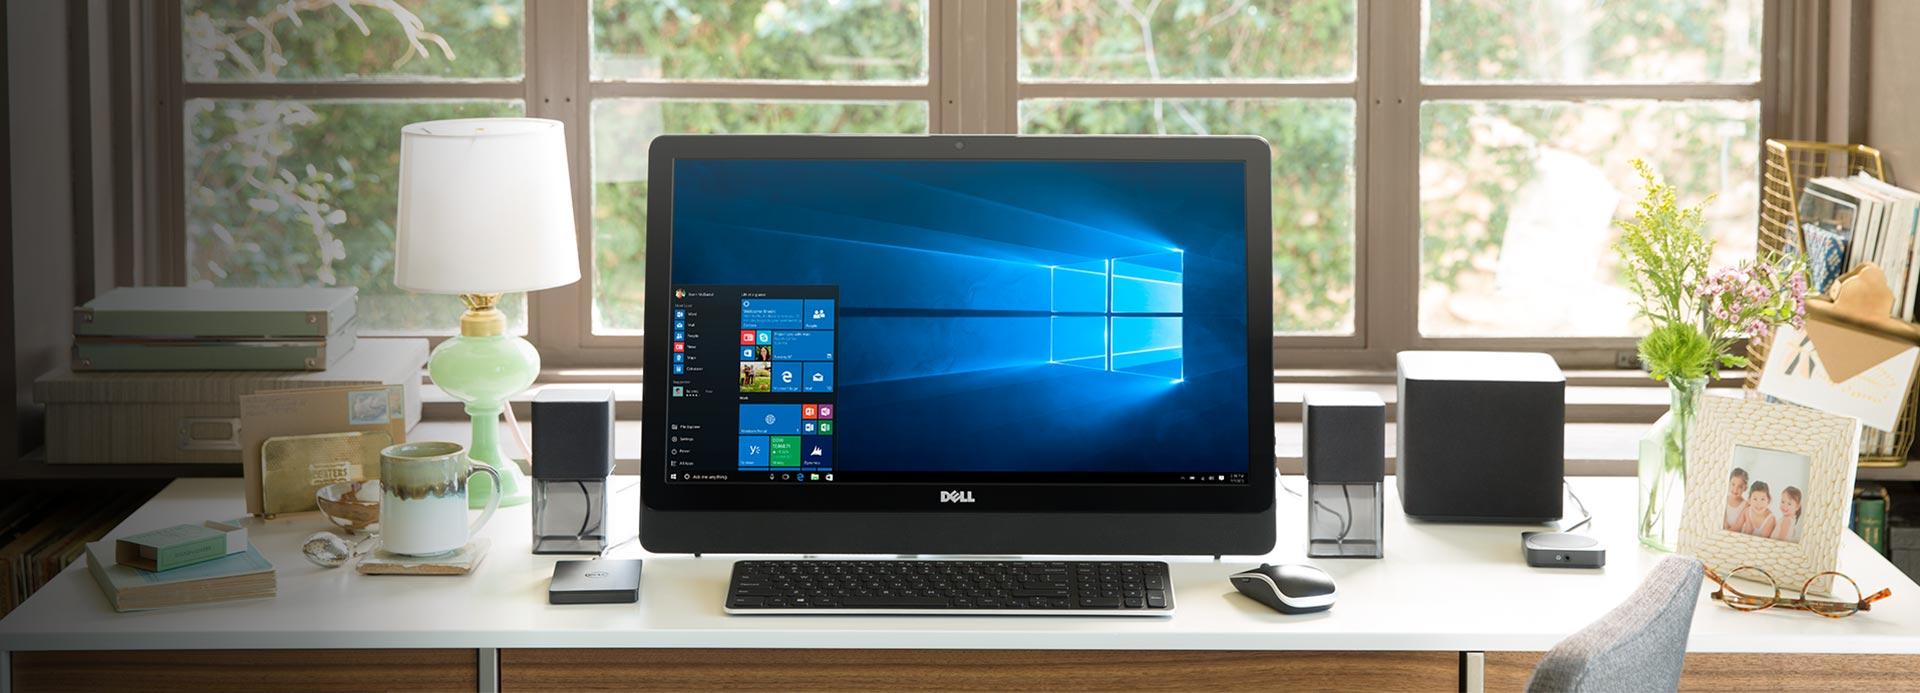 Discover Dell